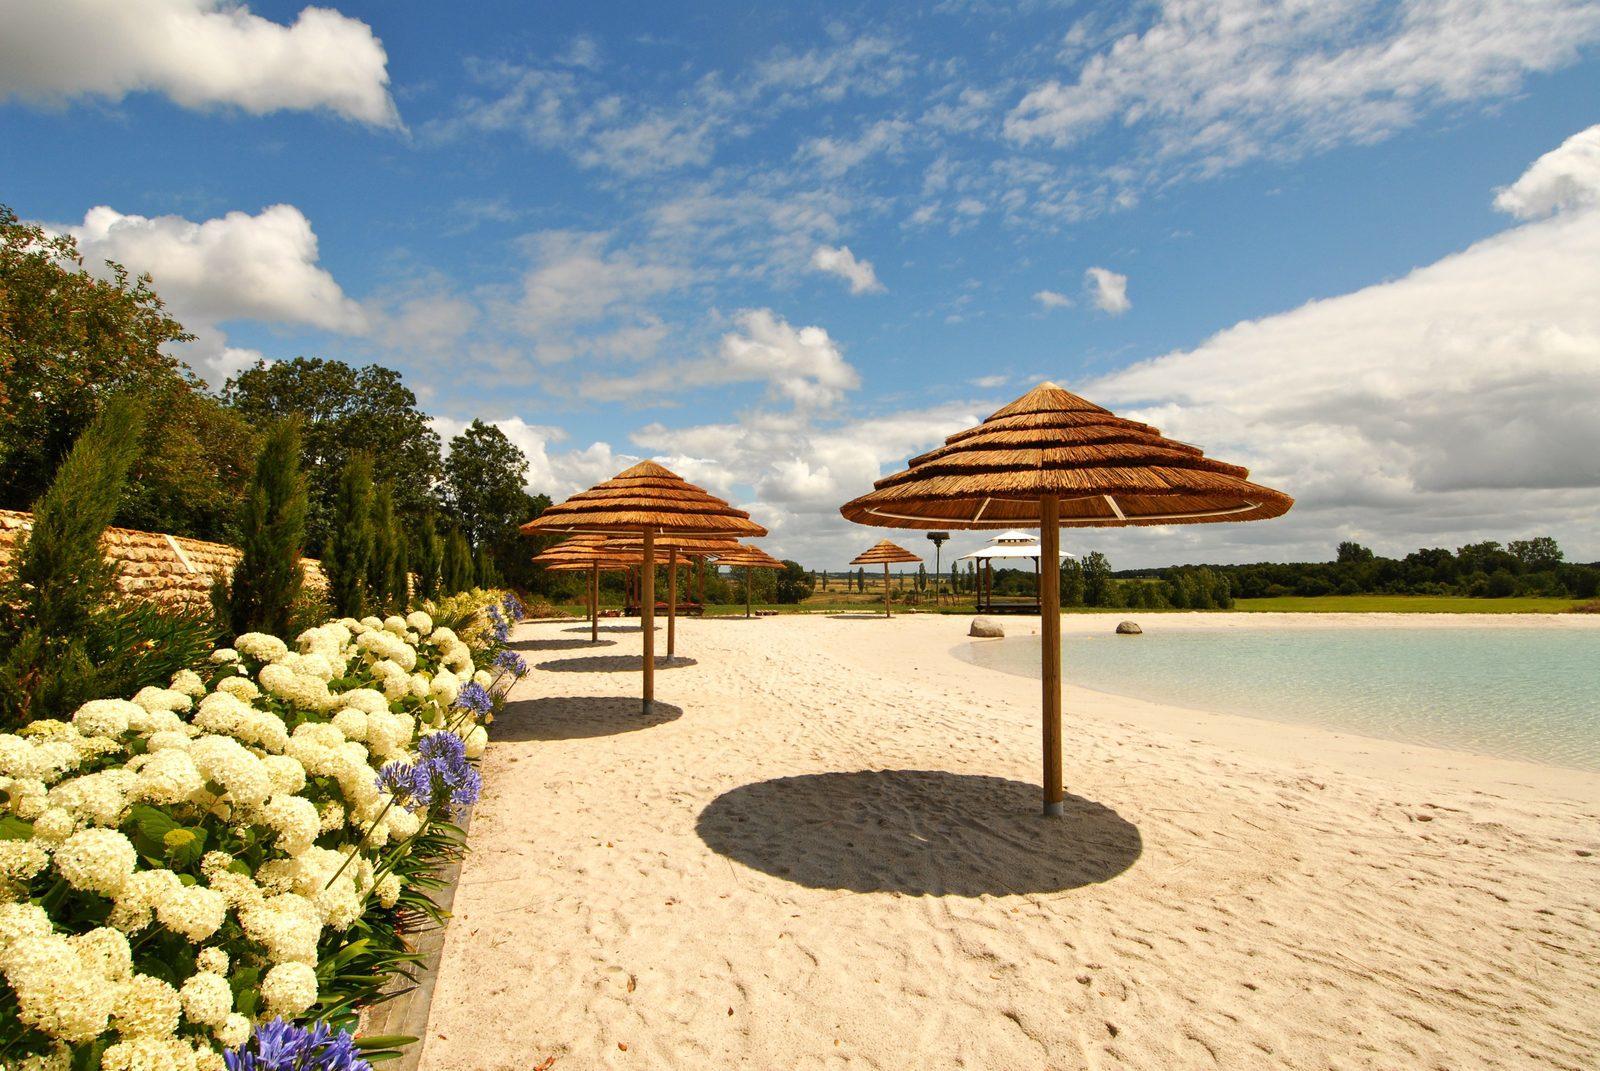 Vakantiehuizen, Frankrijk, villa, kleinschalig, zwembad, luxe